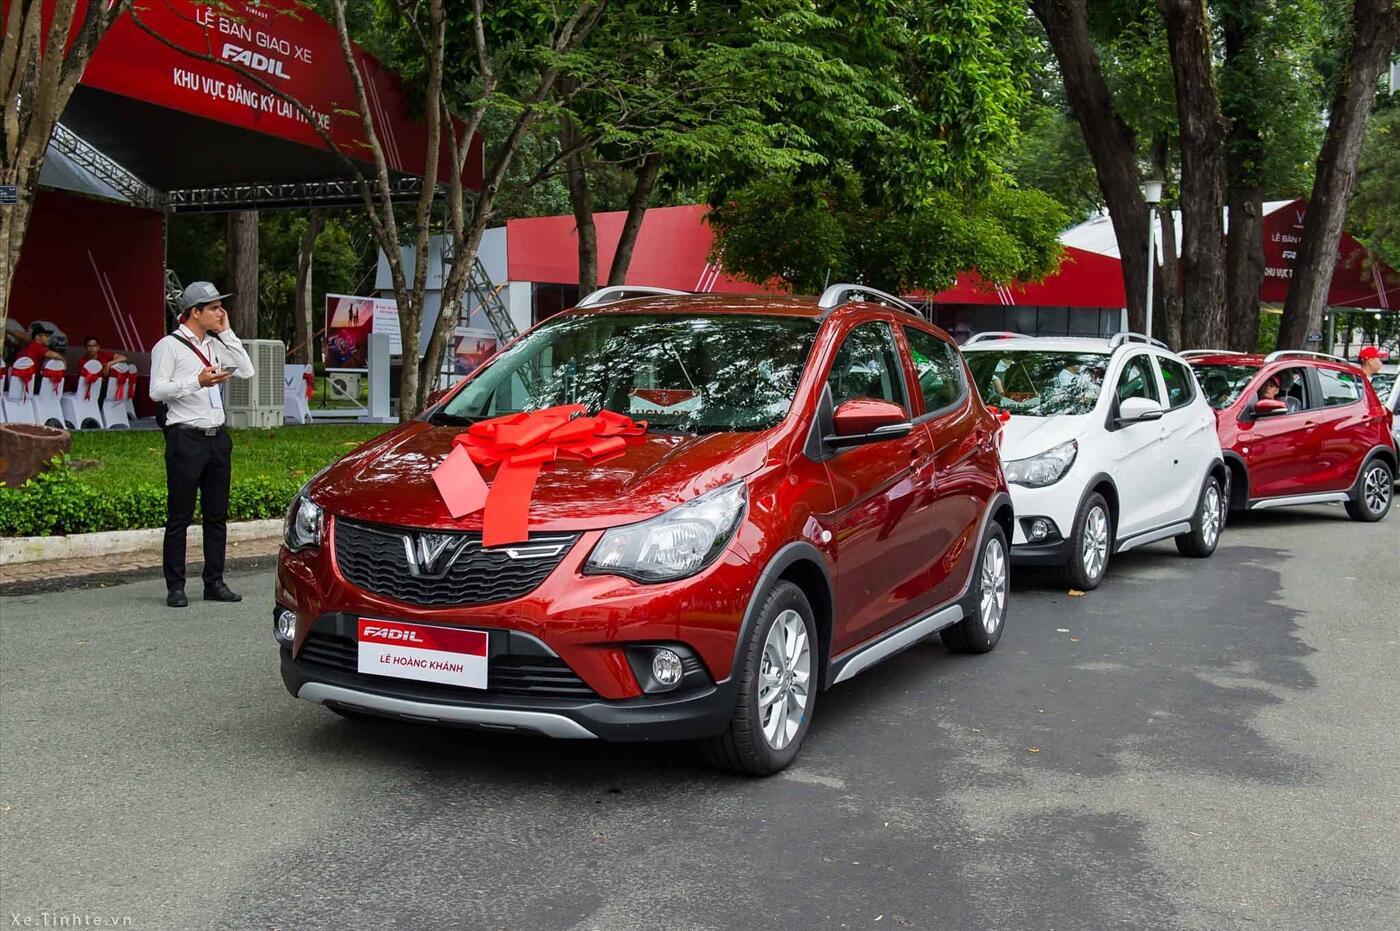 VinFast Fadil Hatchback 1.4L AT Phiên Bản Tiêu Chuẩn (Máy xăng) - Hình 3